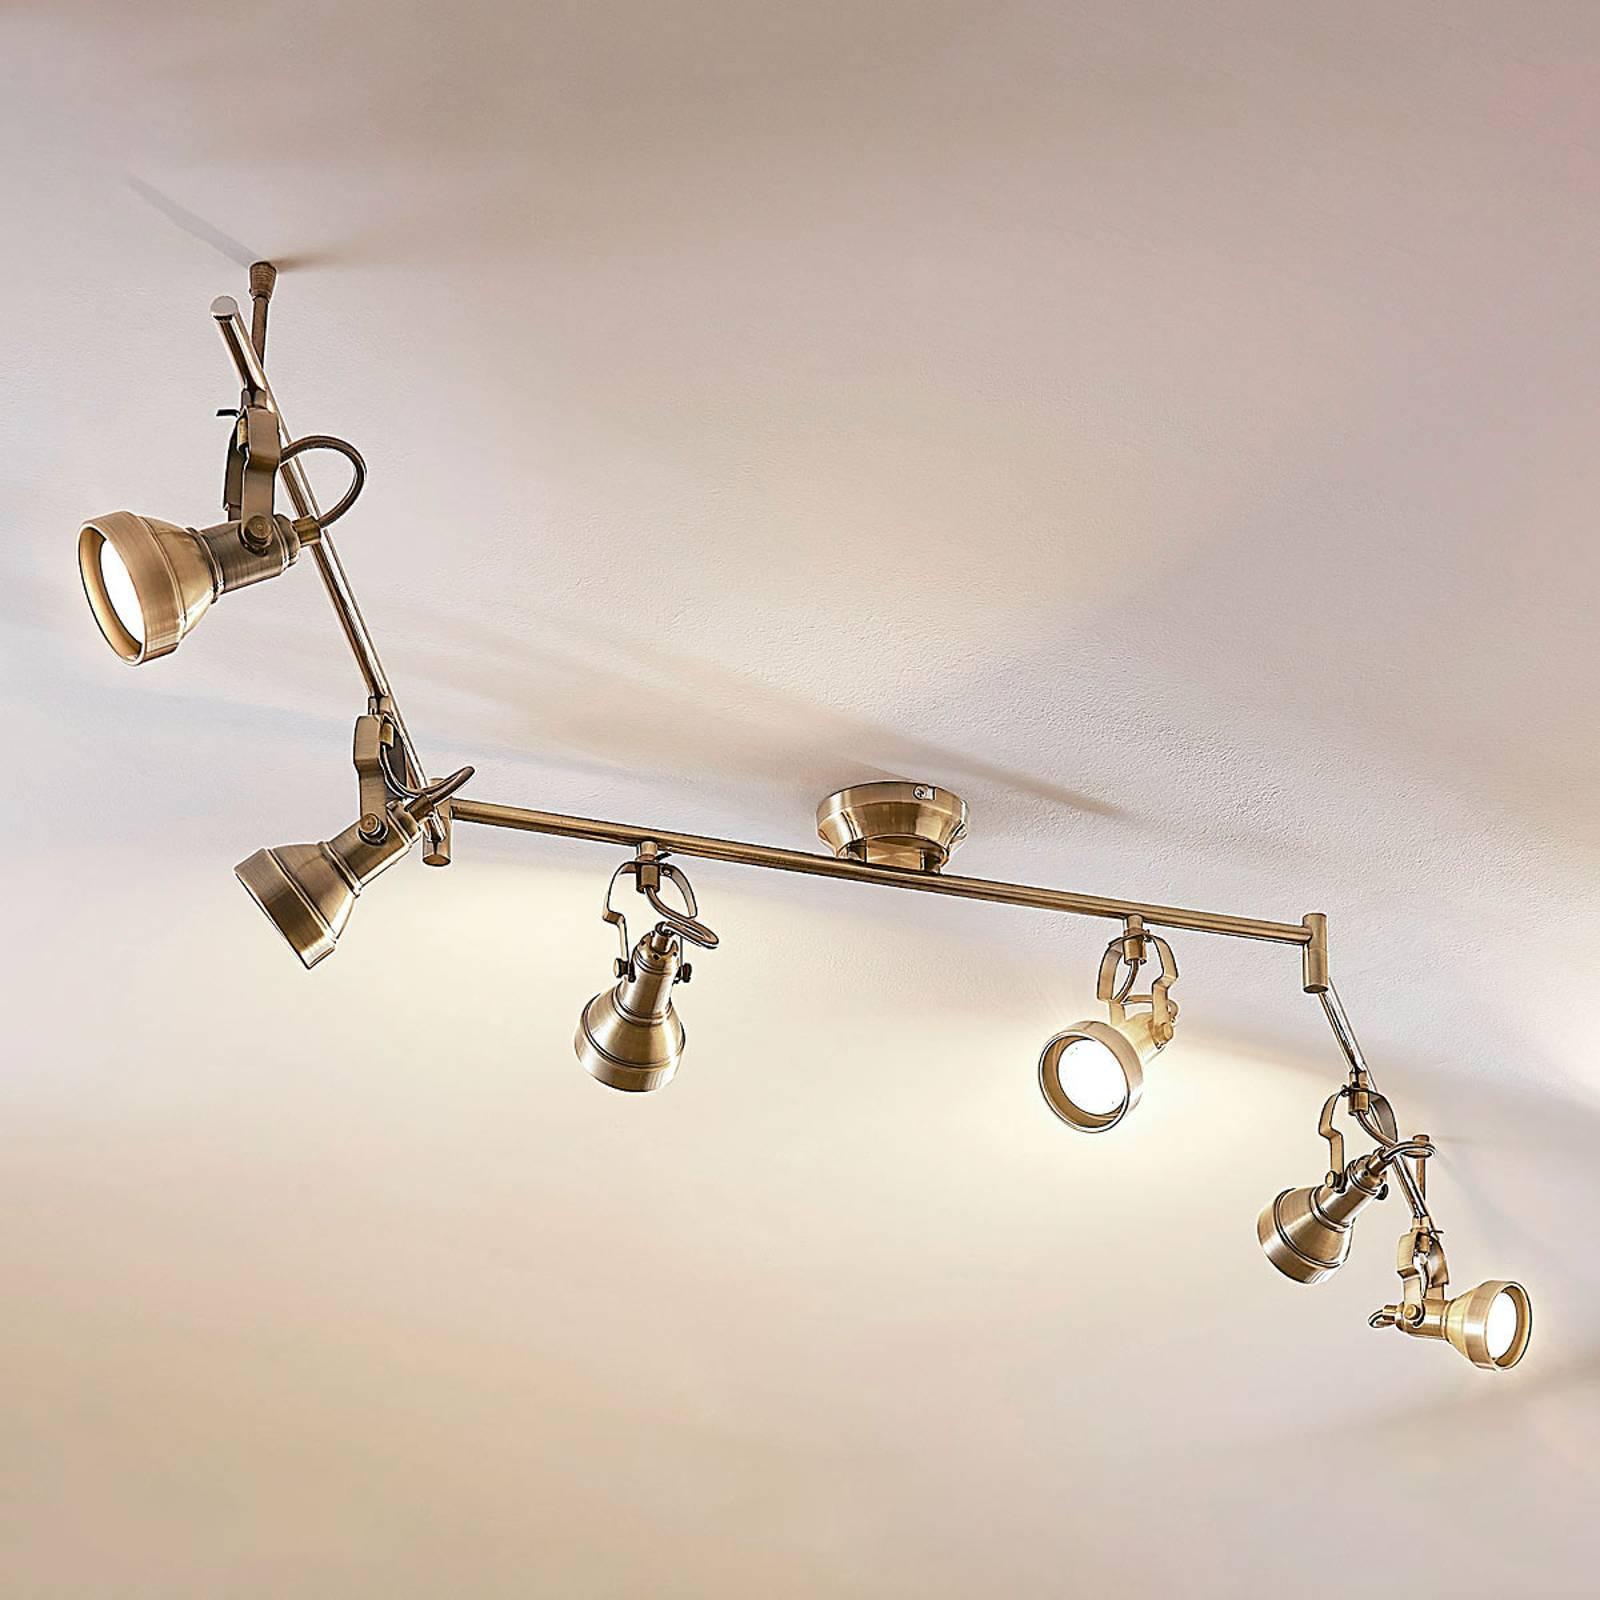 Zeslichts LED-plafondlamp Perseas, GU10 LED